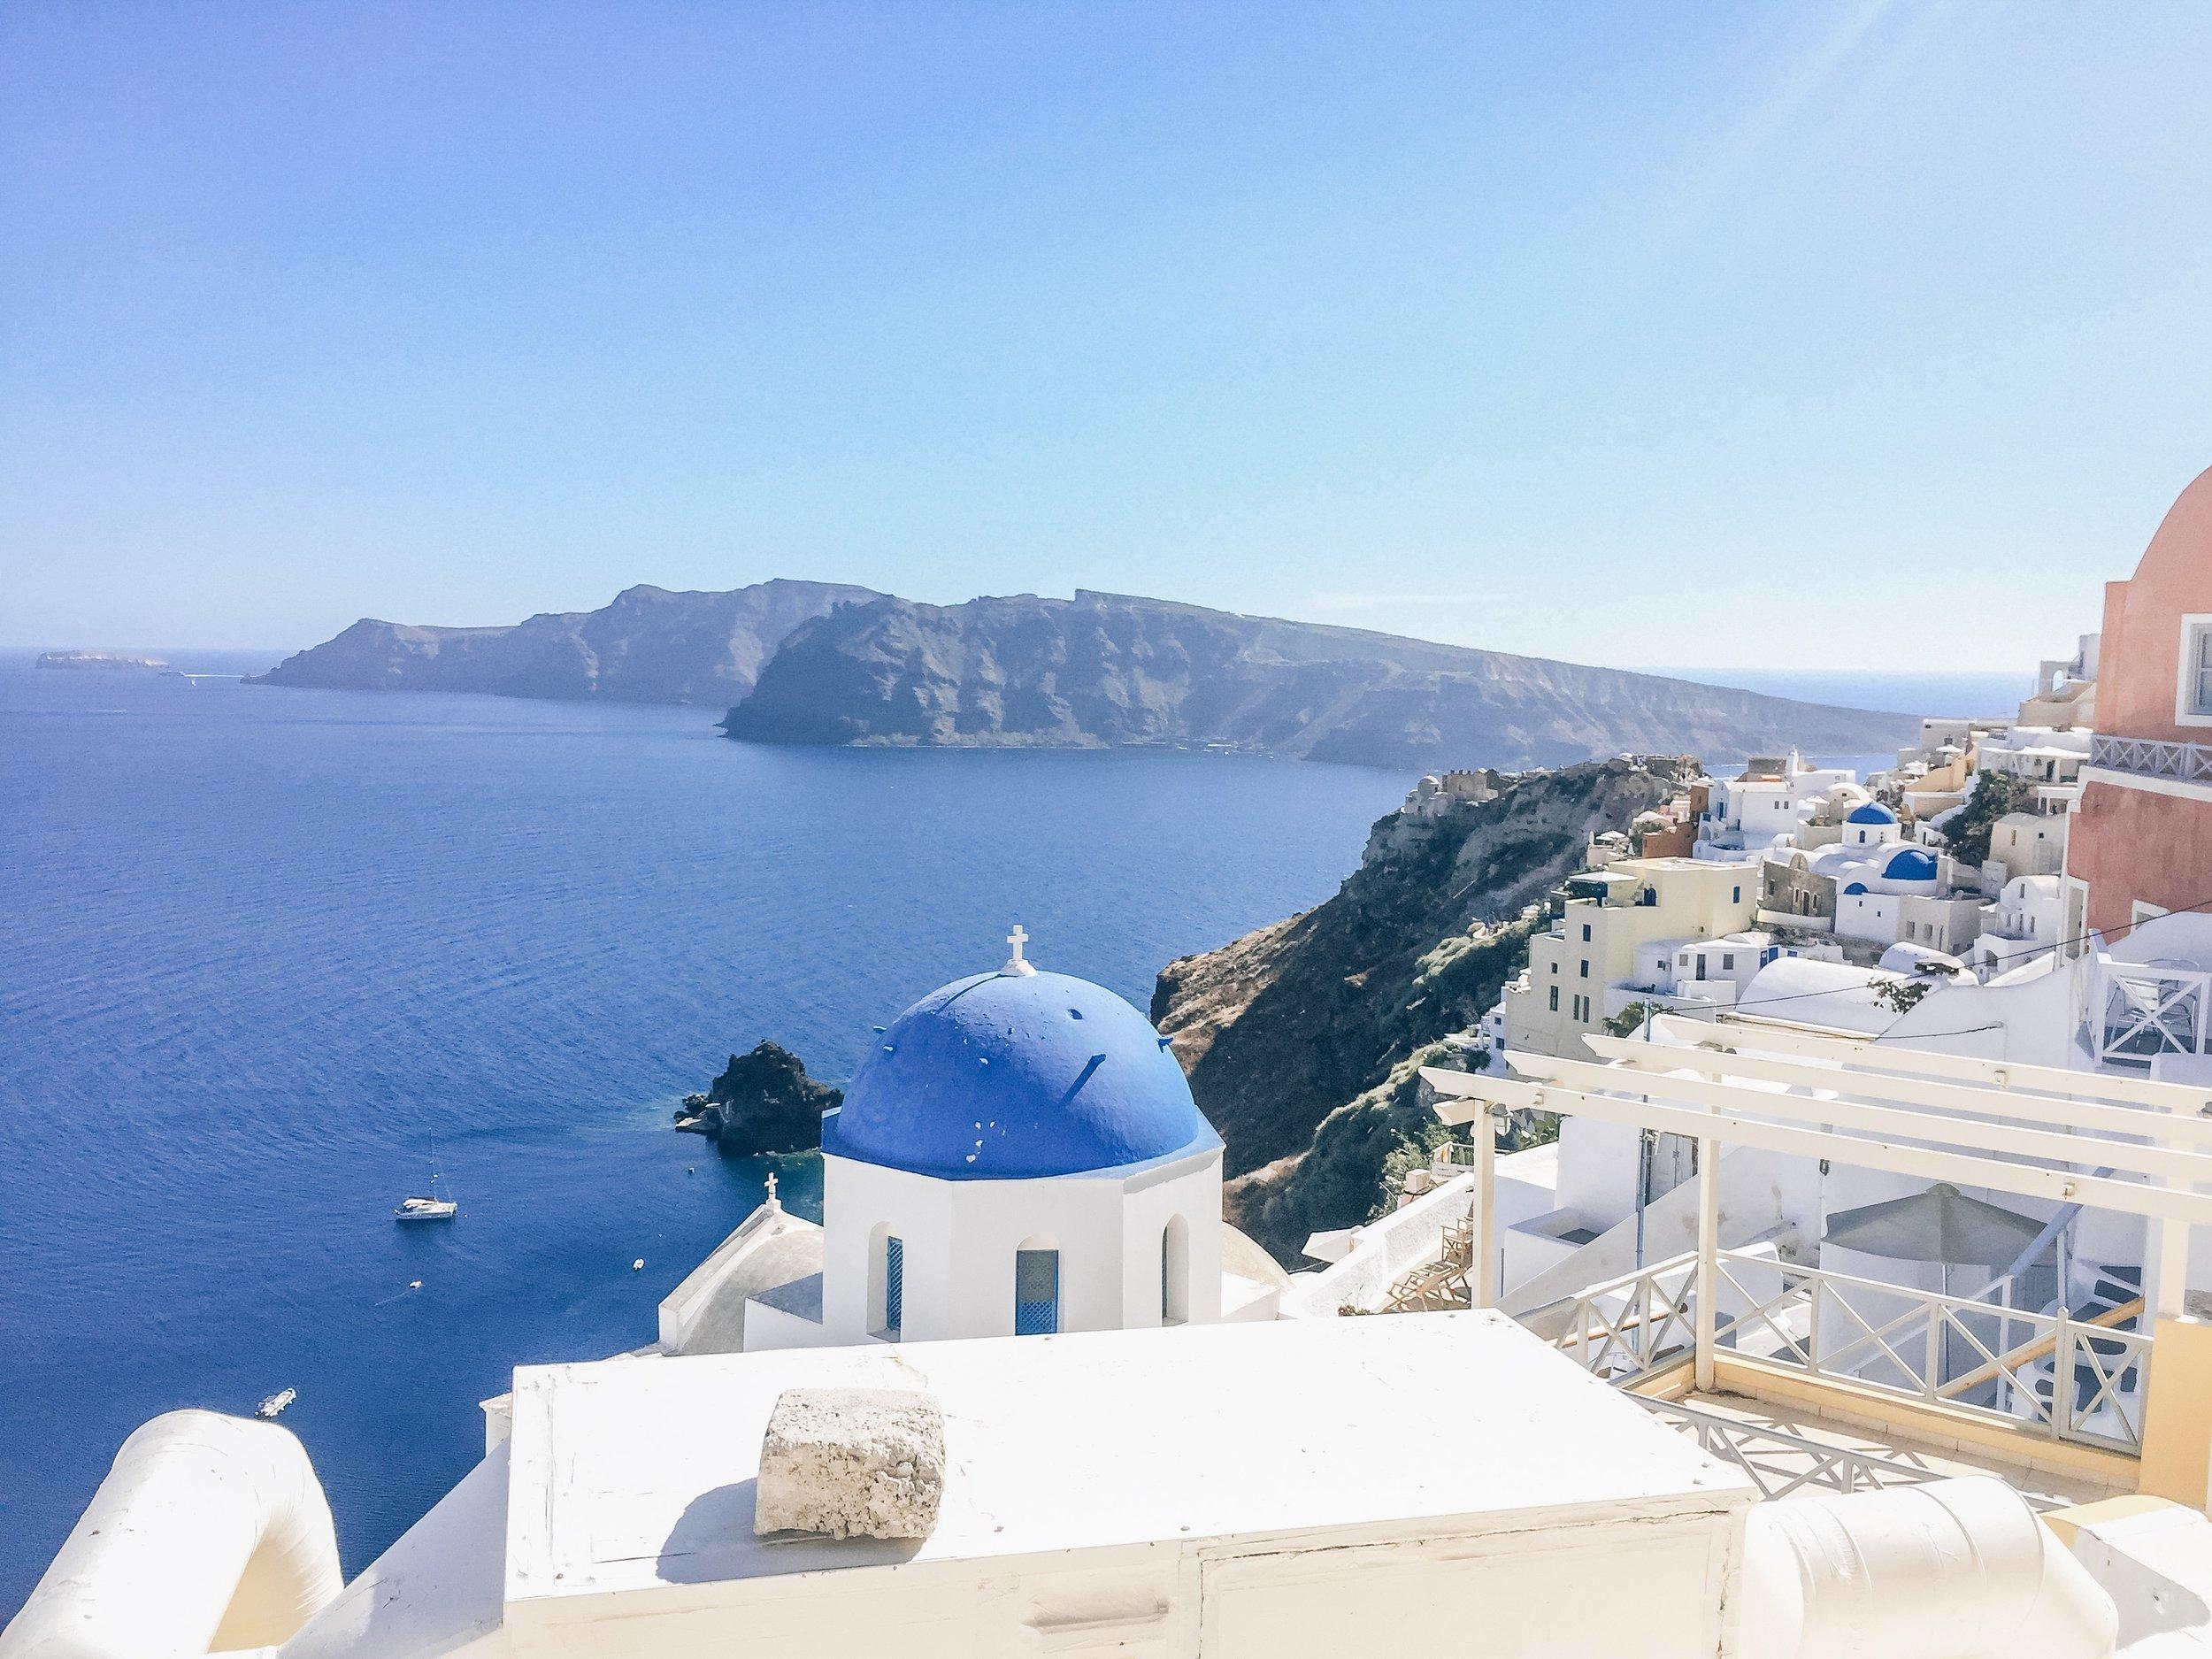 Oia, Santorini, Greece Kessler Ramirez